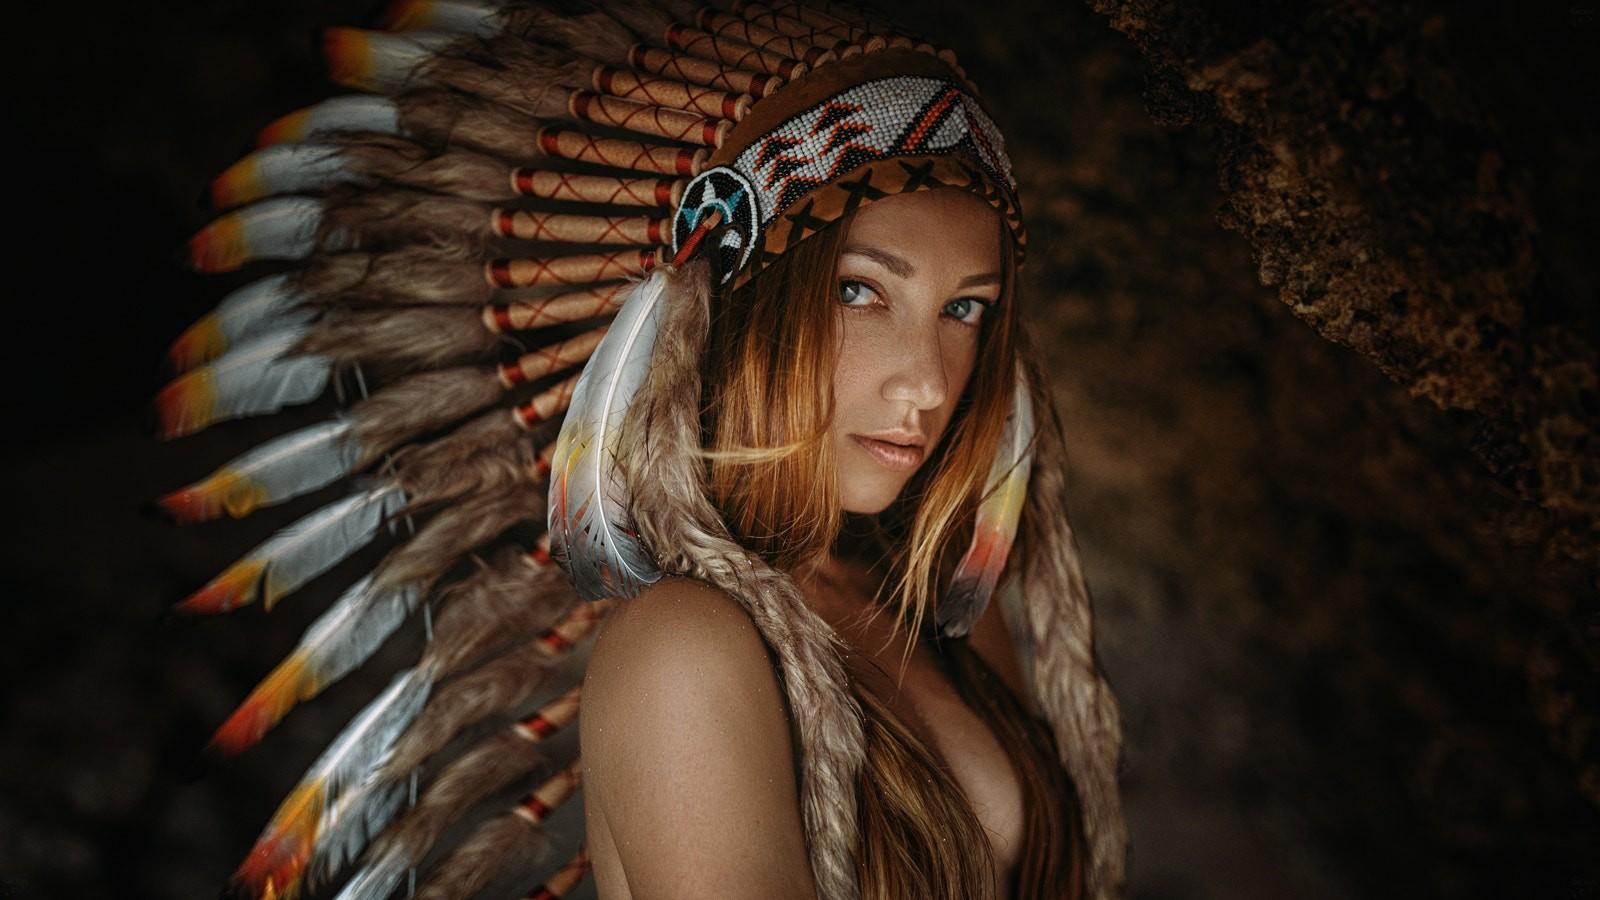 Fond d 39 cran visage temple femmes roux 500px maquette portrait cheveux longs regarder - Indian beautiful models hd wallpapers ...